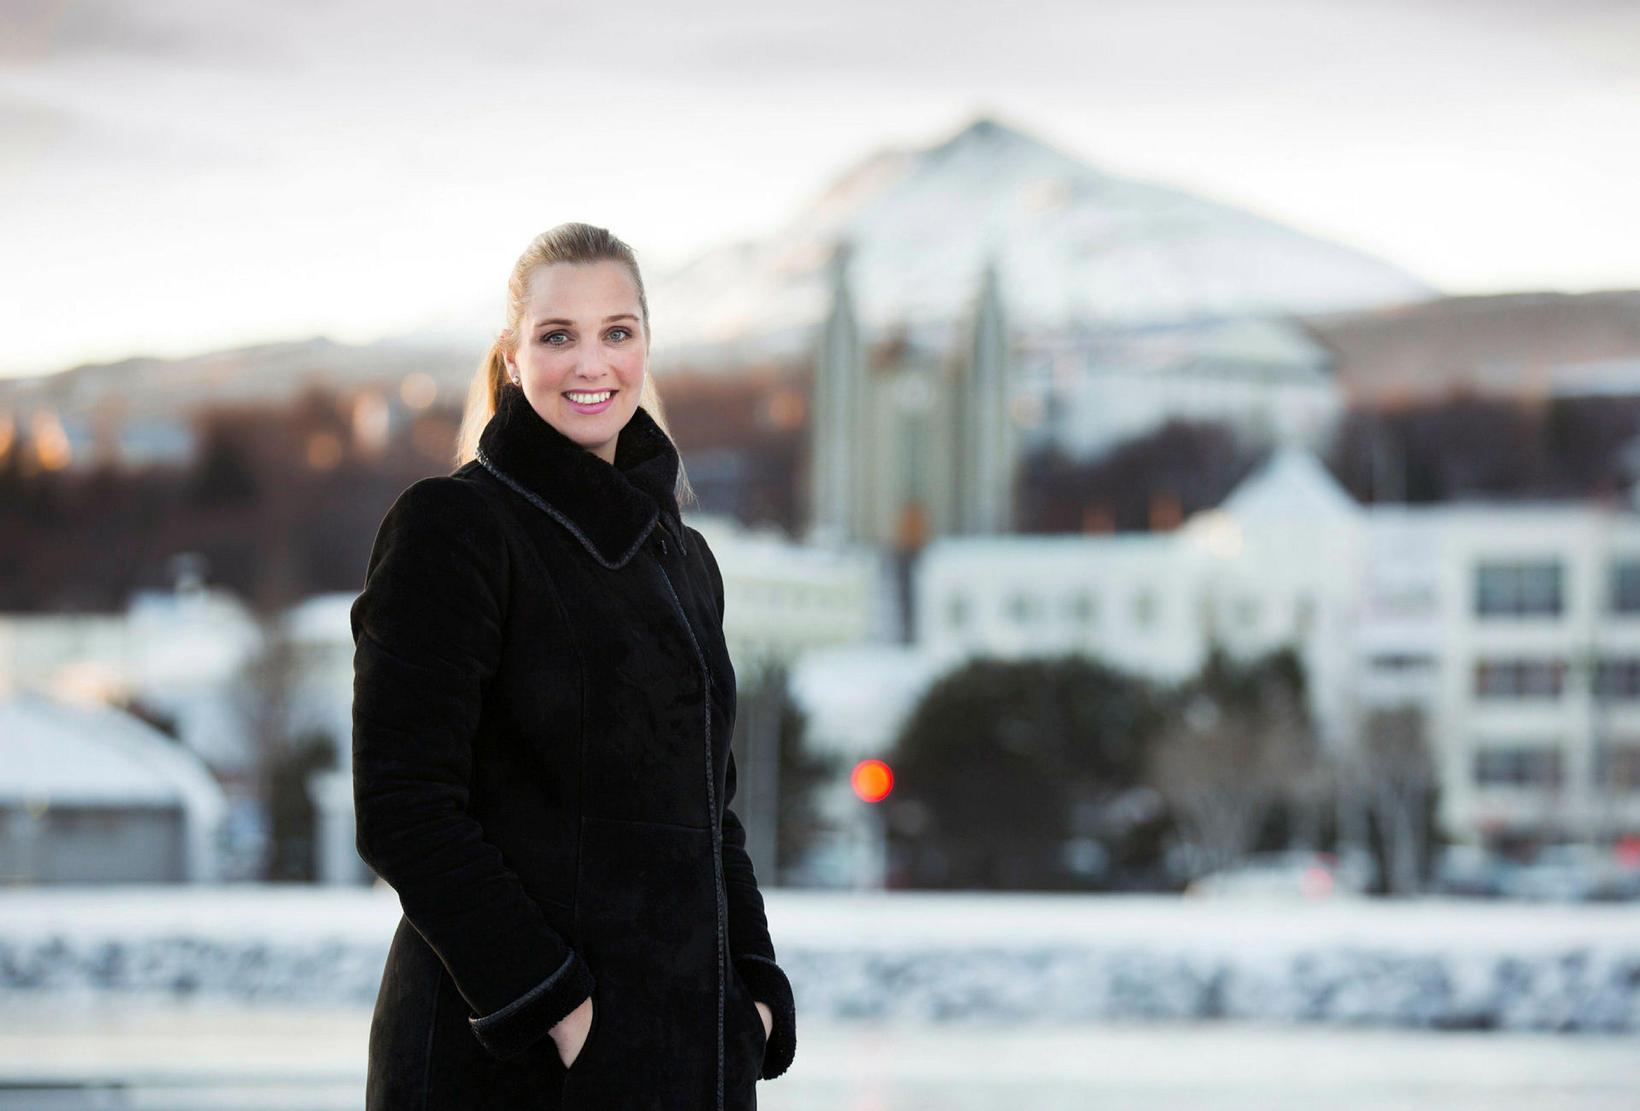 Ásthildur Sturludóttir, bæjarstjóri Akureyrarbæjar.